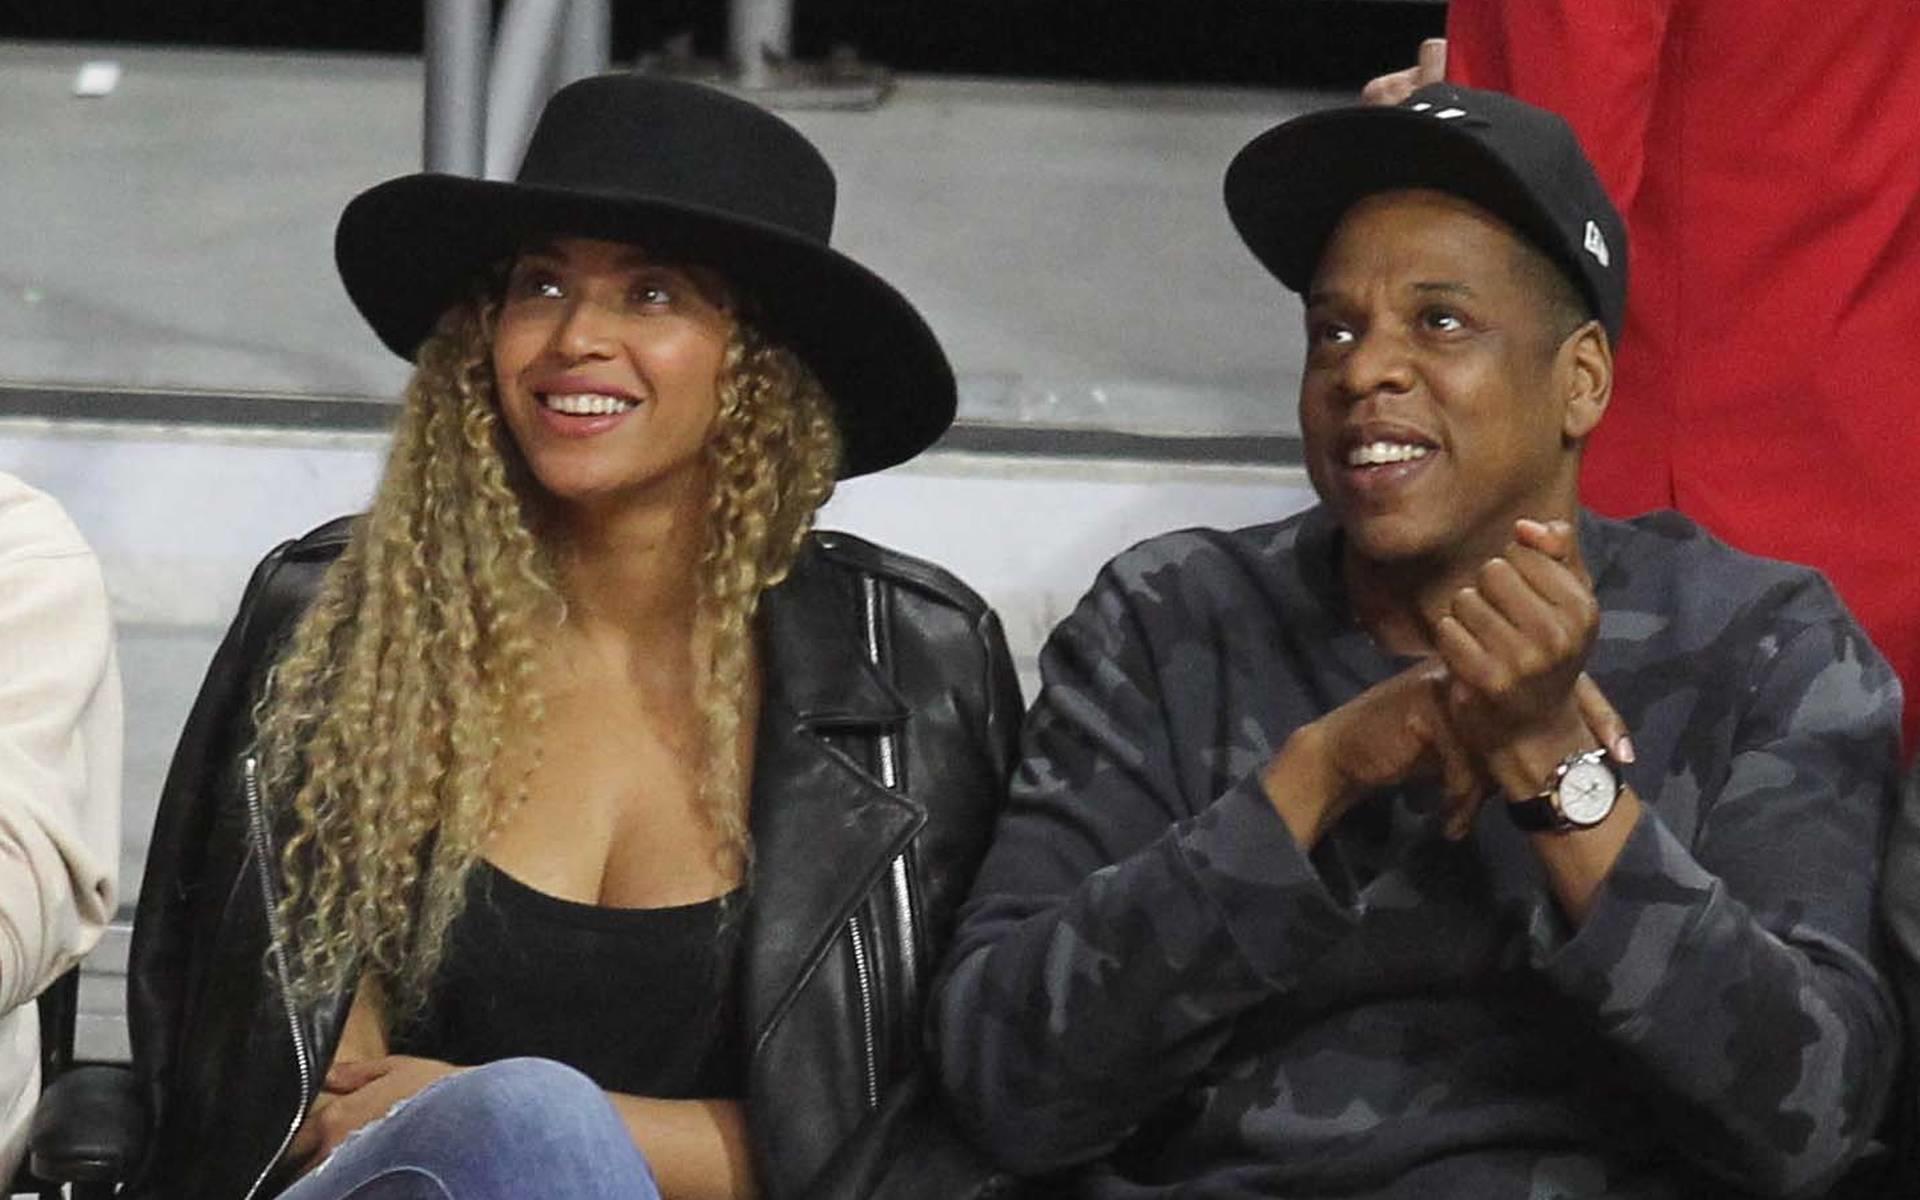 Jay-Z überrascht VIP-Gäste seiner Benefiz-Gala mit Rolex-Uhren - VIP.de, Star News